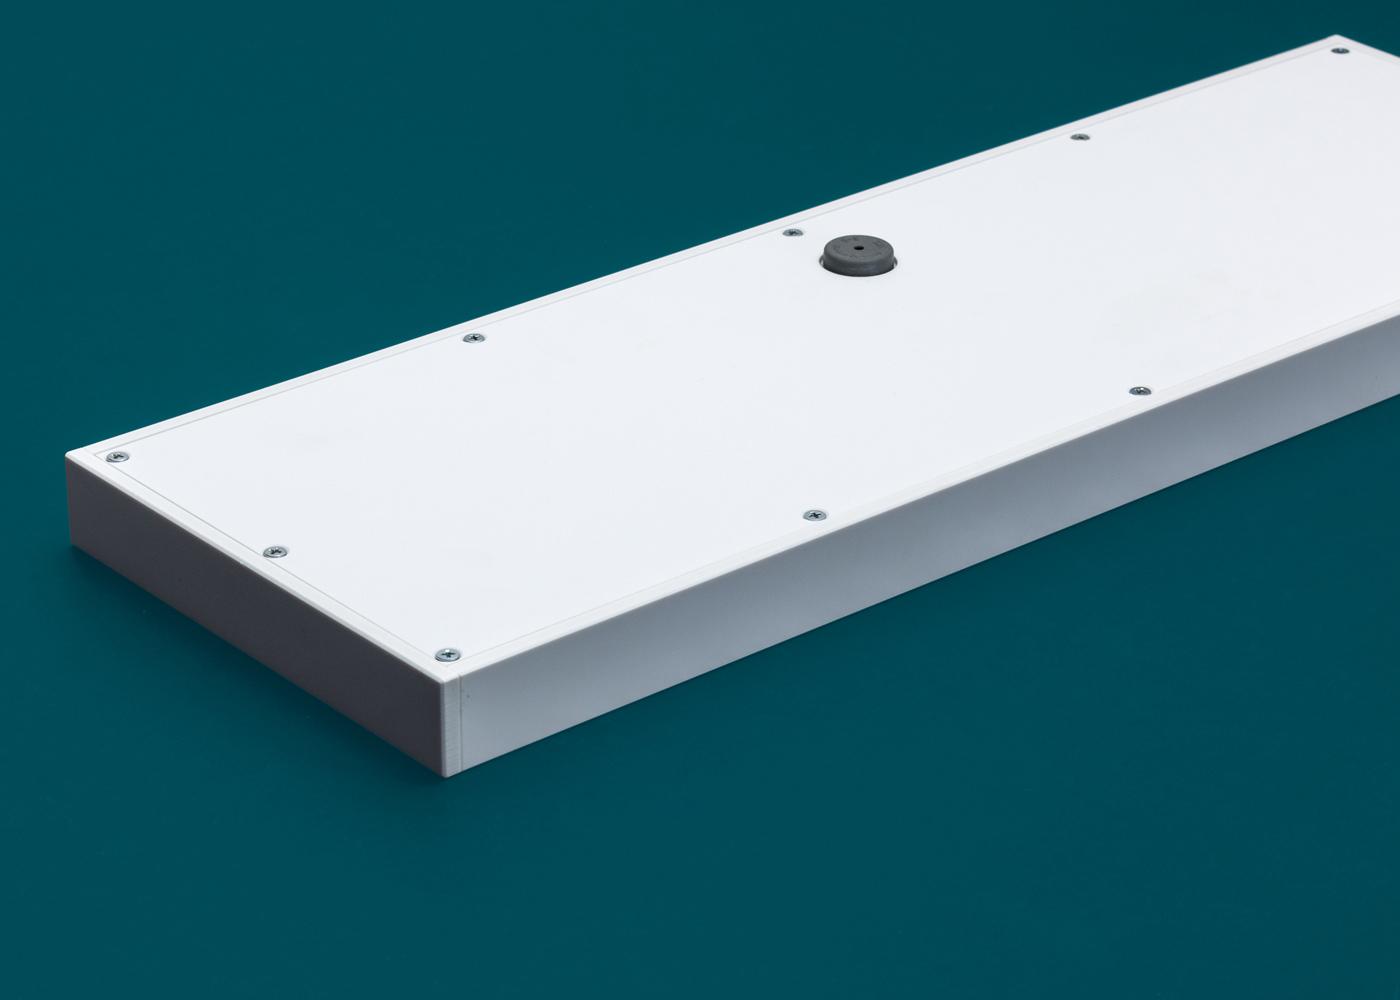 TKR-103 – Clavier verre capacitif intégrable en panneau – Détail carter arrière en option